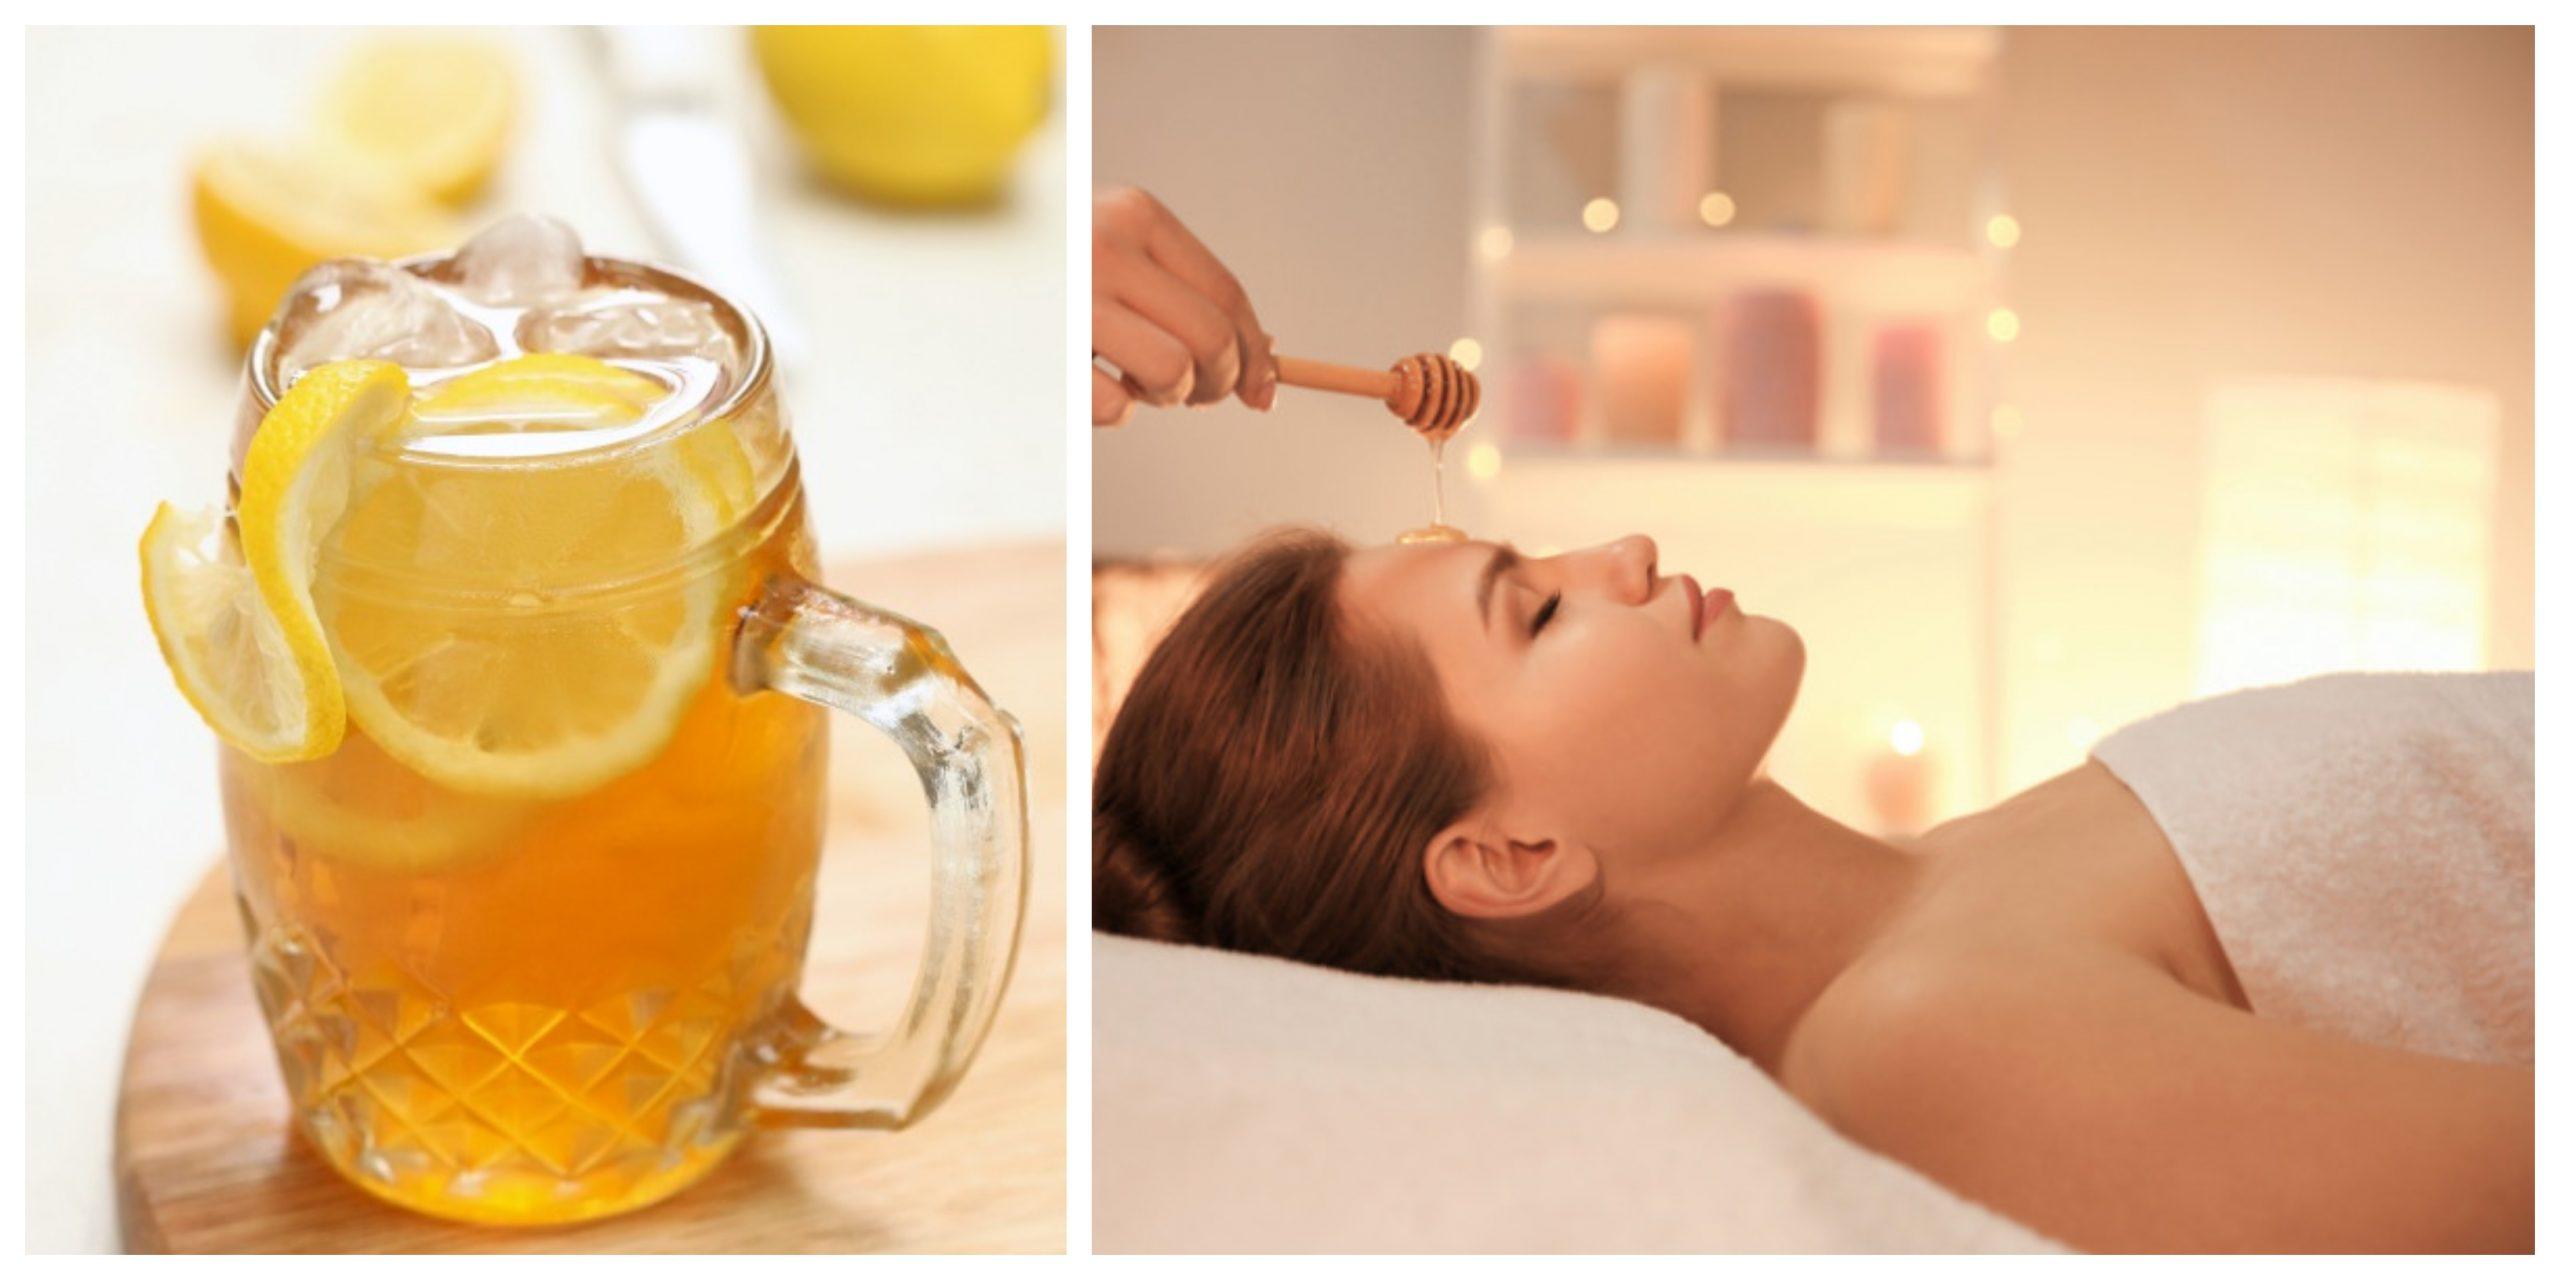 وصفات سحرية باستخدام العسل لصحة البشرة وإزالة حب الشباب